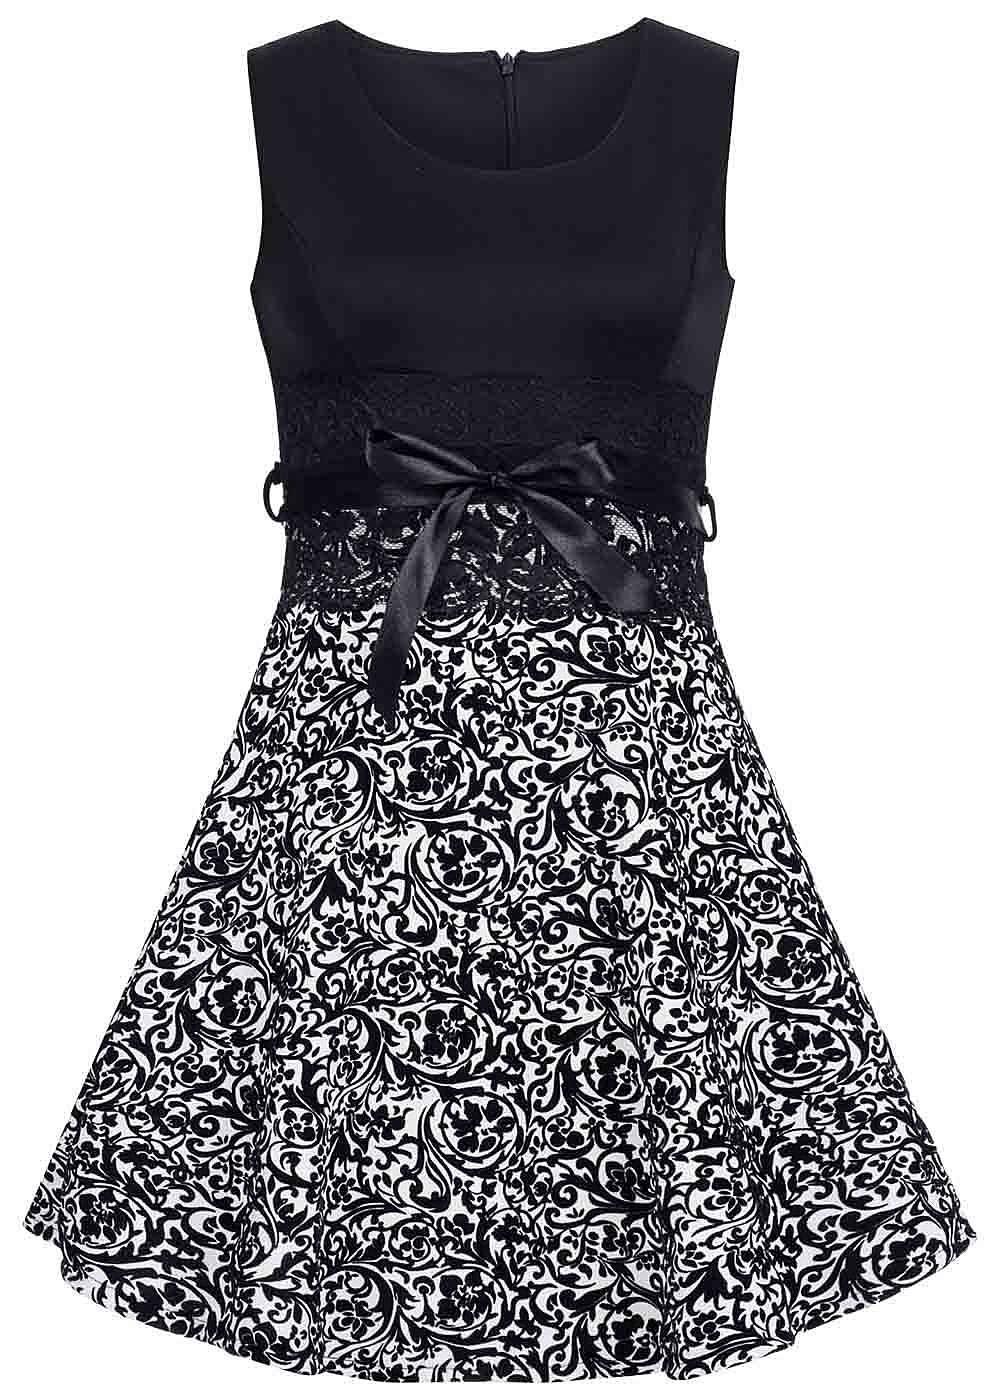 Abend Wunderbar Kleider In Schwarz Weiß für 2019Designer Großartig Kleider In Schwarz Weiß Bester Preis